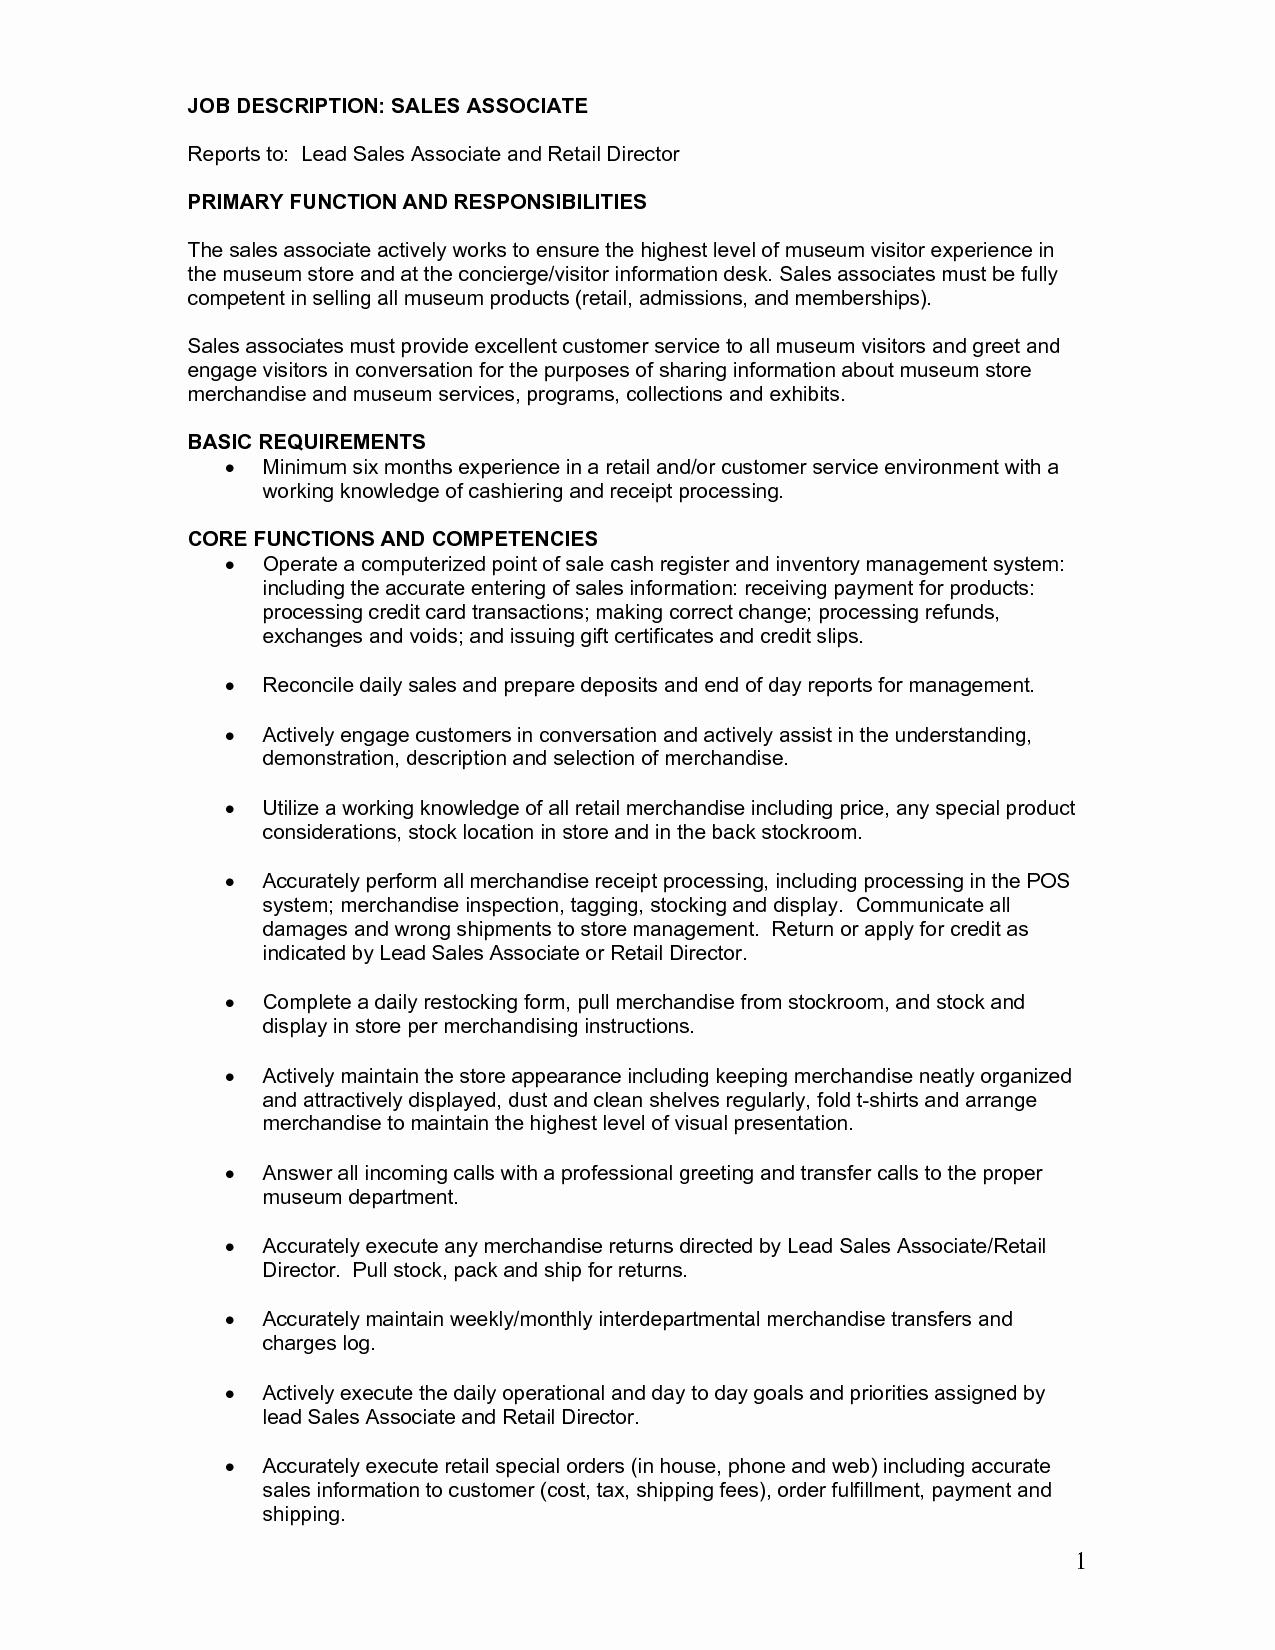 Retail Sales associate Resume Description Sales associate